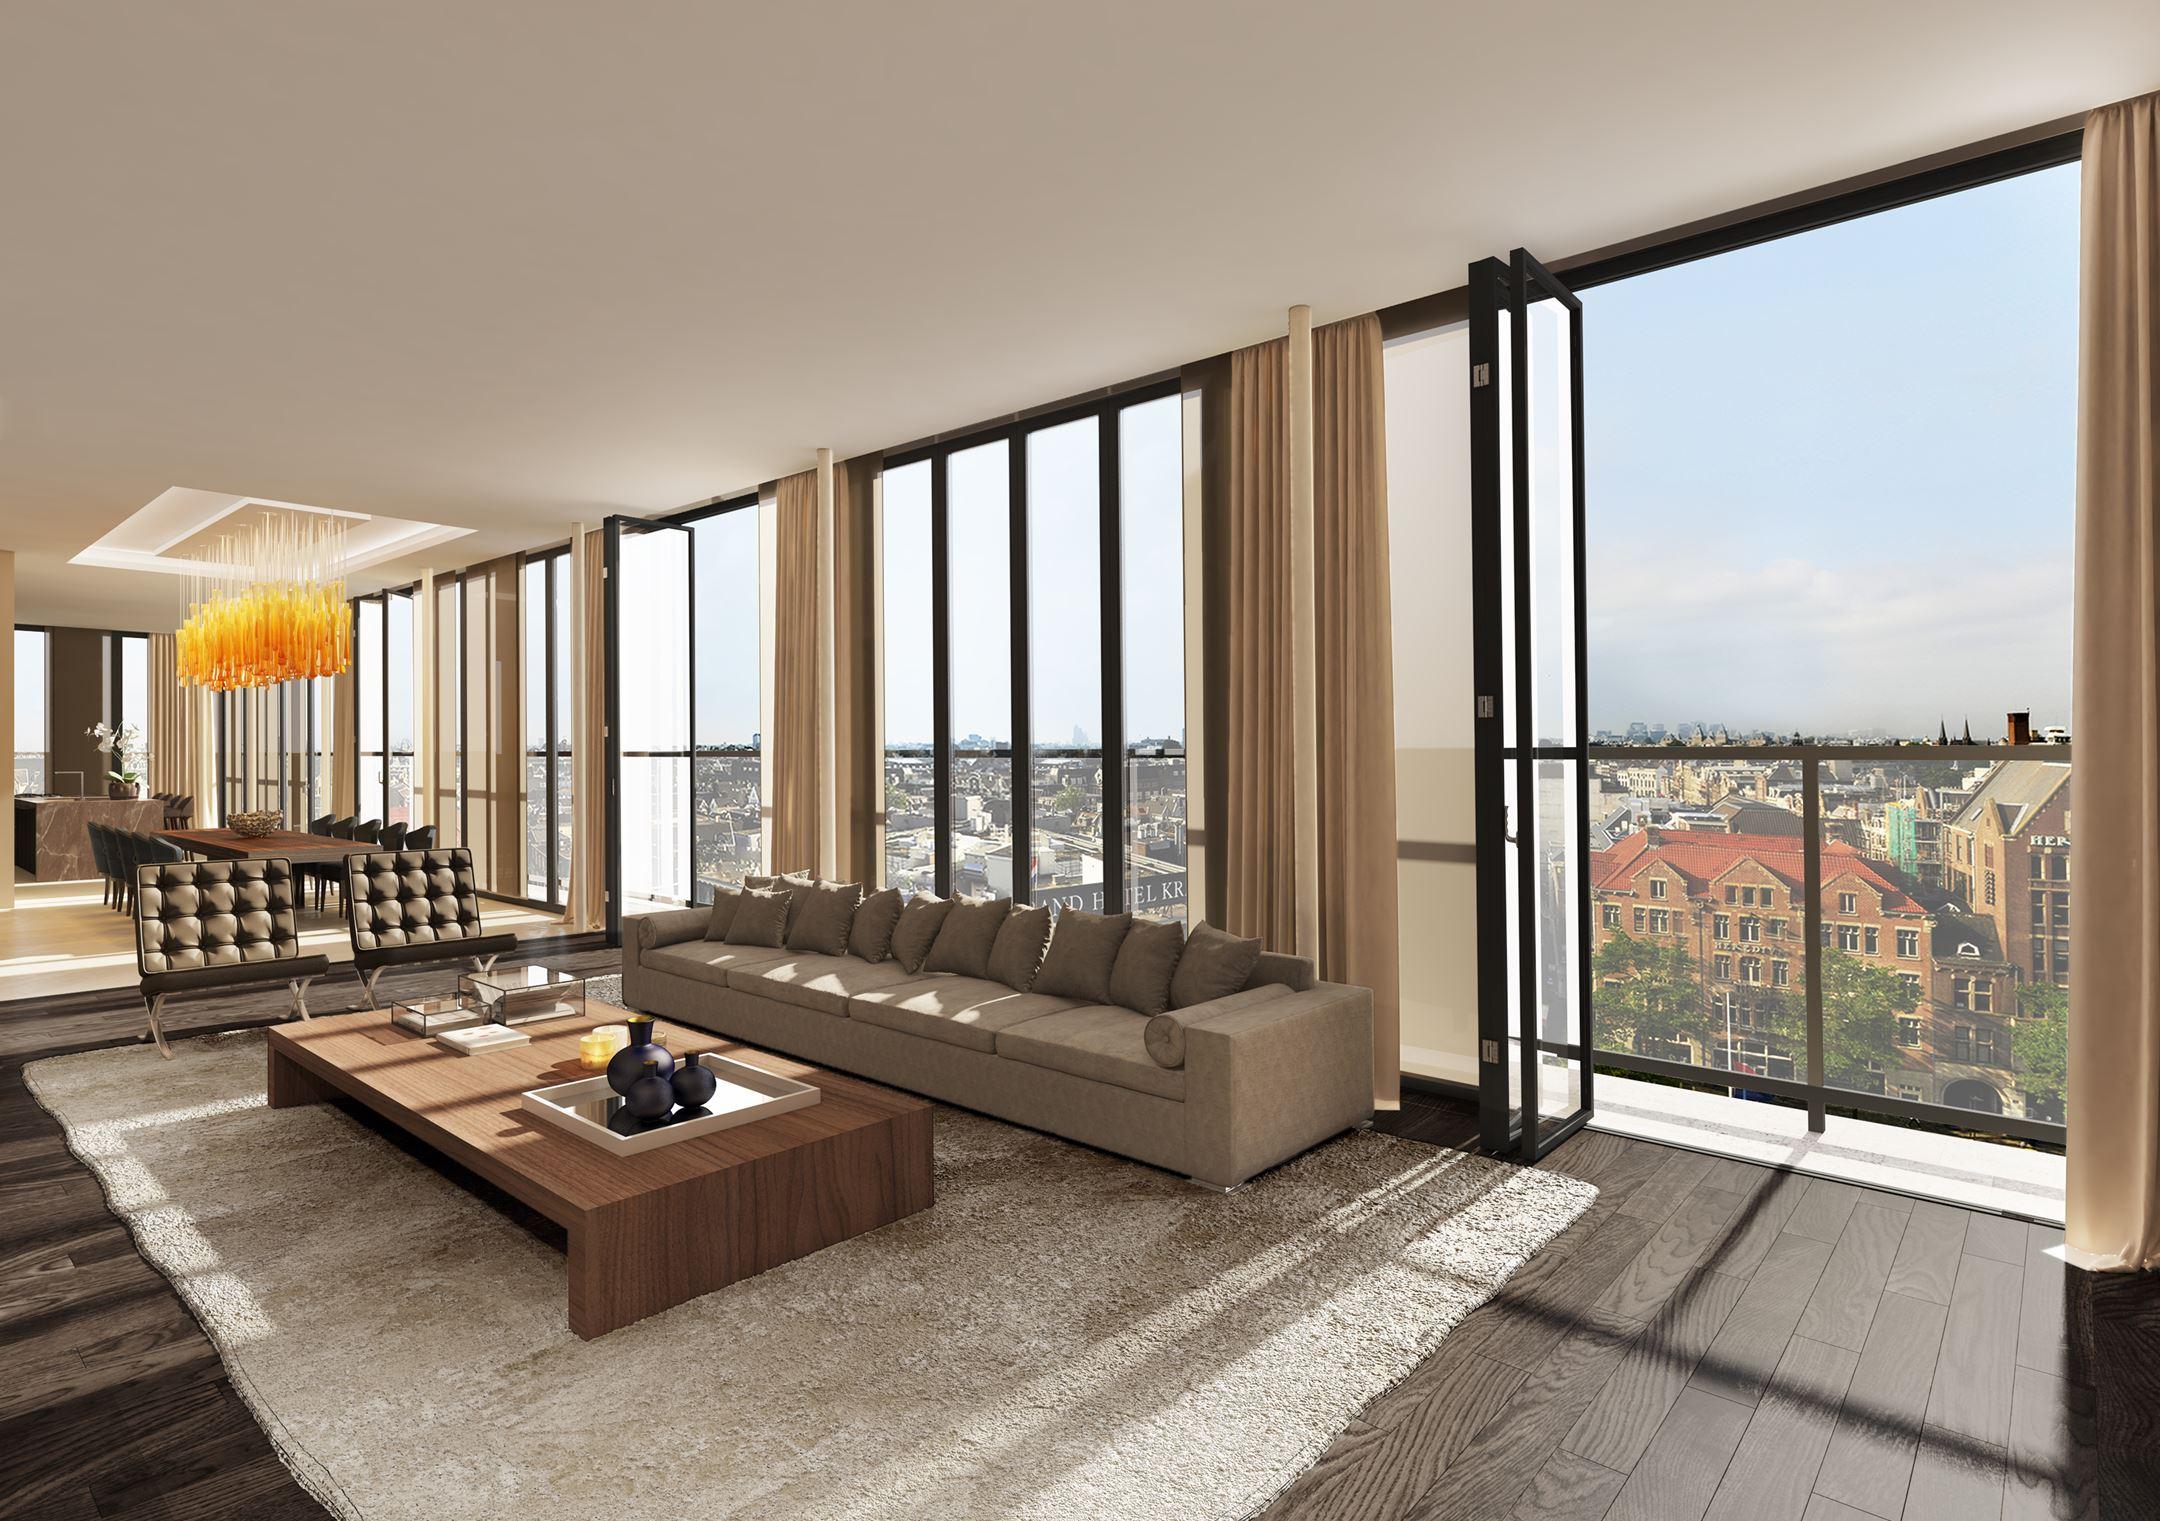 De 10 duurste penthouses die nu te koop staan in Nederland | MAN MAN